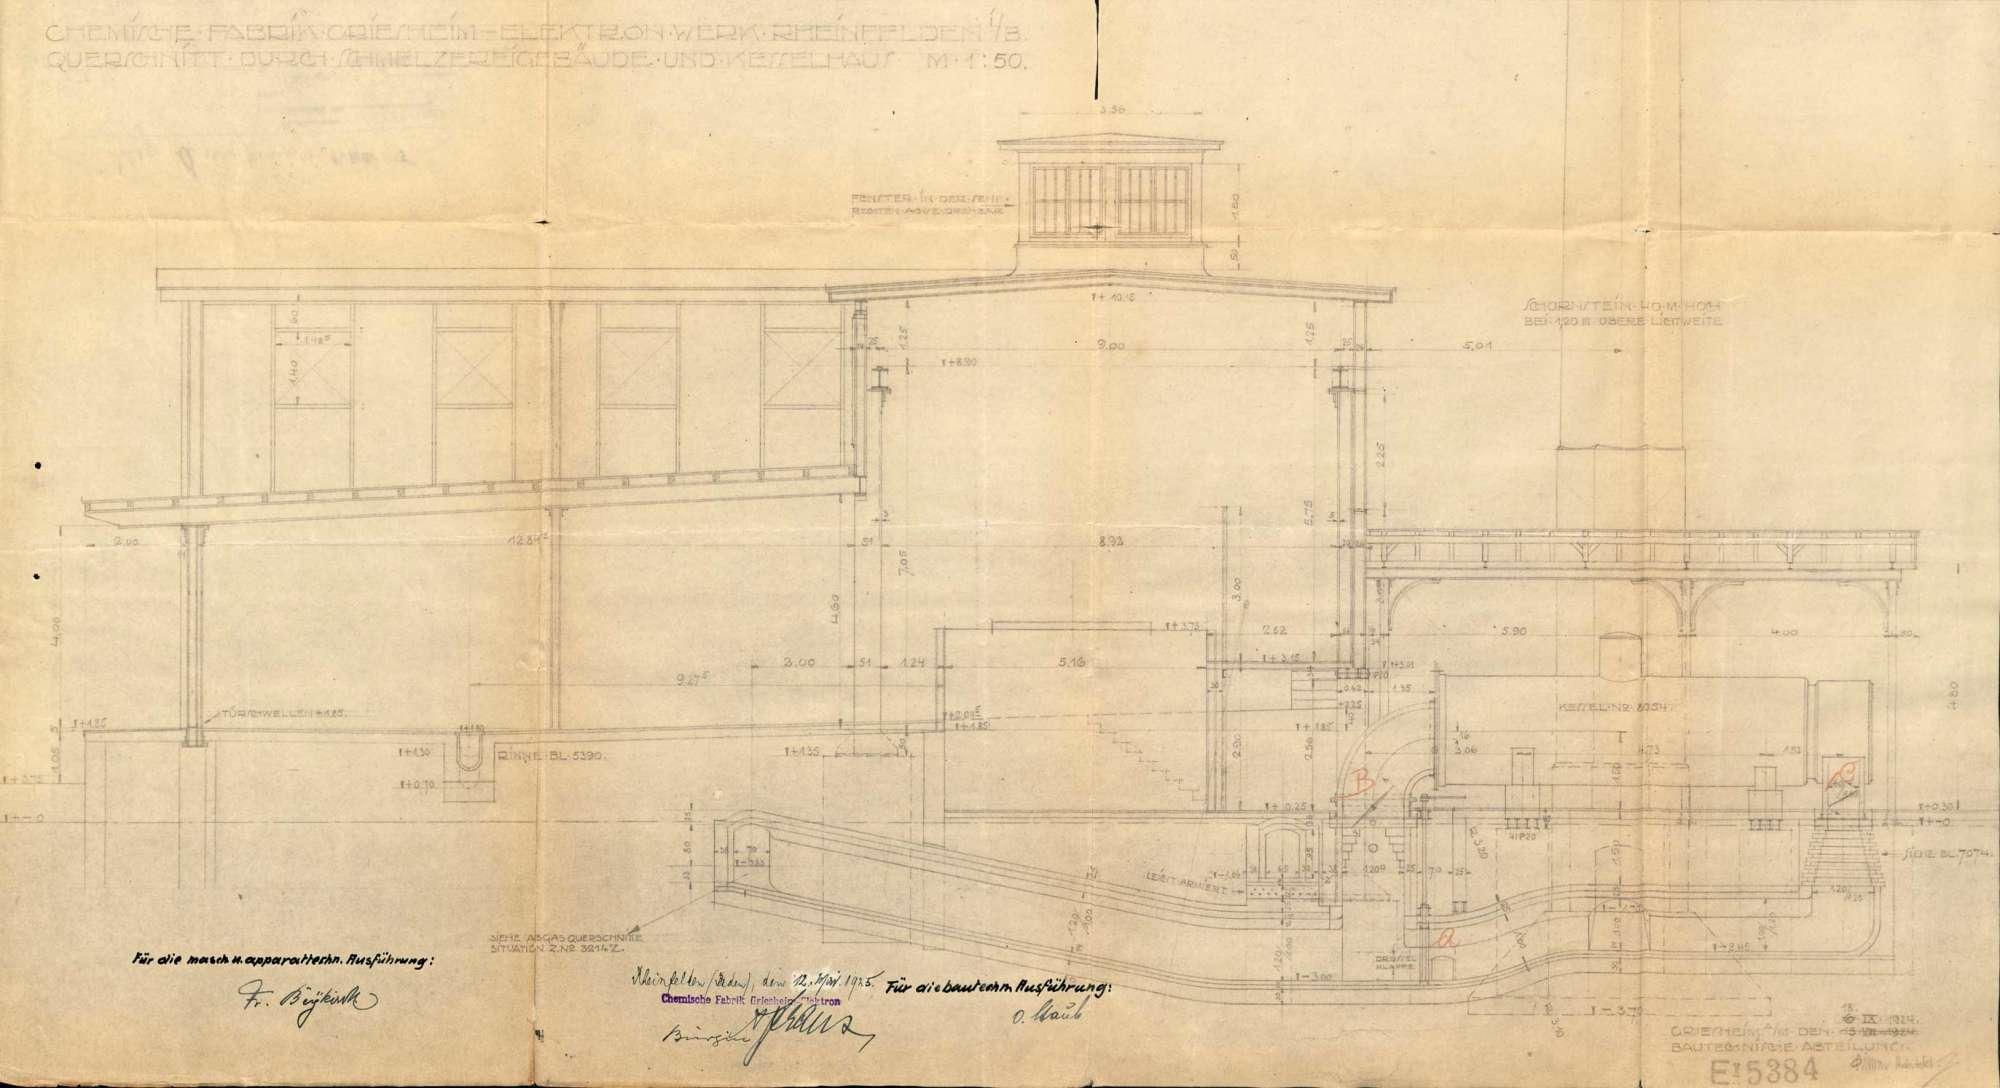 Dampfkessel der Firma Chemische Fabrik Griesheim-Elektron in Badisch Rheinfelden bzw. Rheinfelden (Baden), Bild 3